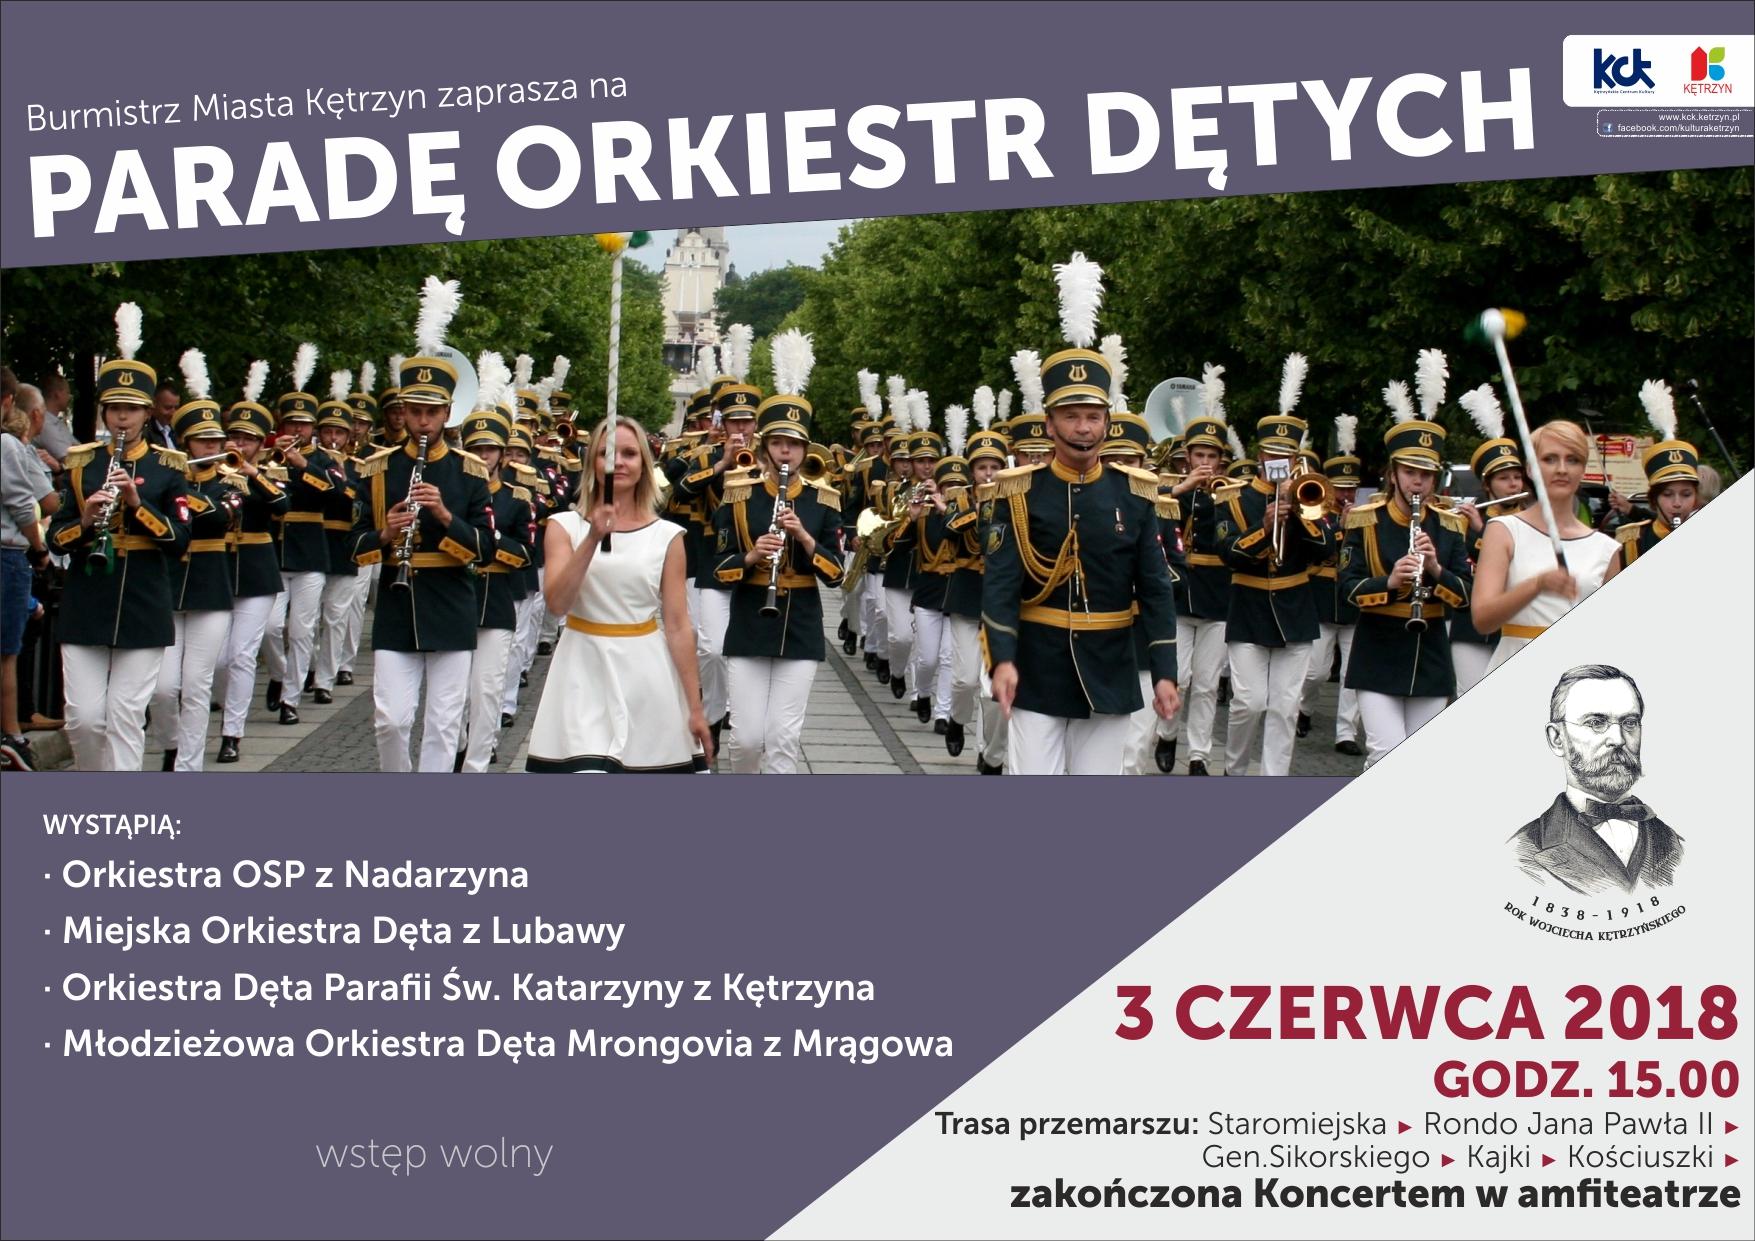 http://m.wm.pl/2018/05/orig/parada-orkiestr-2018-237025-468386.jpg